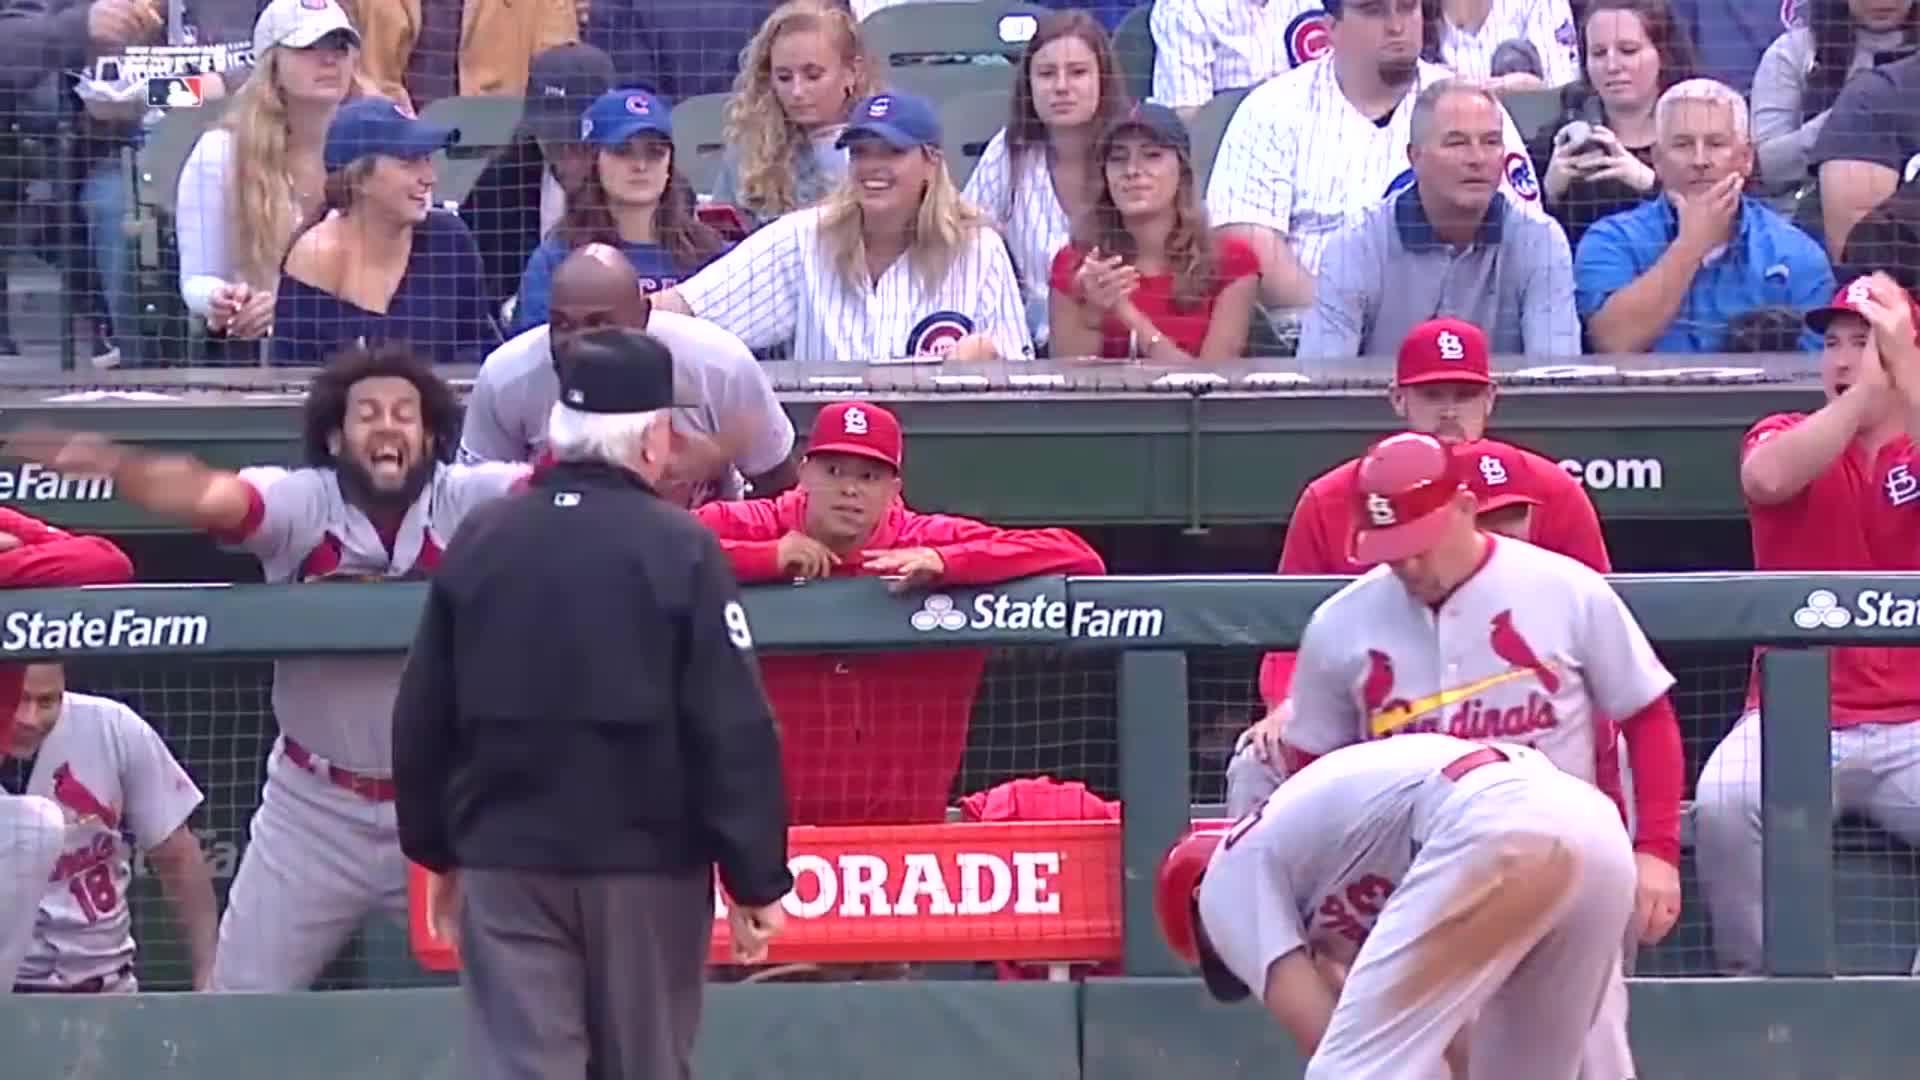 baseball, cardinals, st louis cardinals, st. louis, Jose Martinez calling the runner safe. GIFs